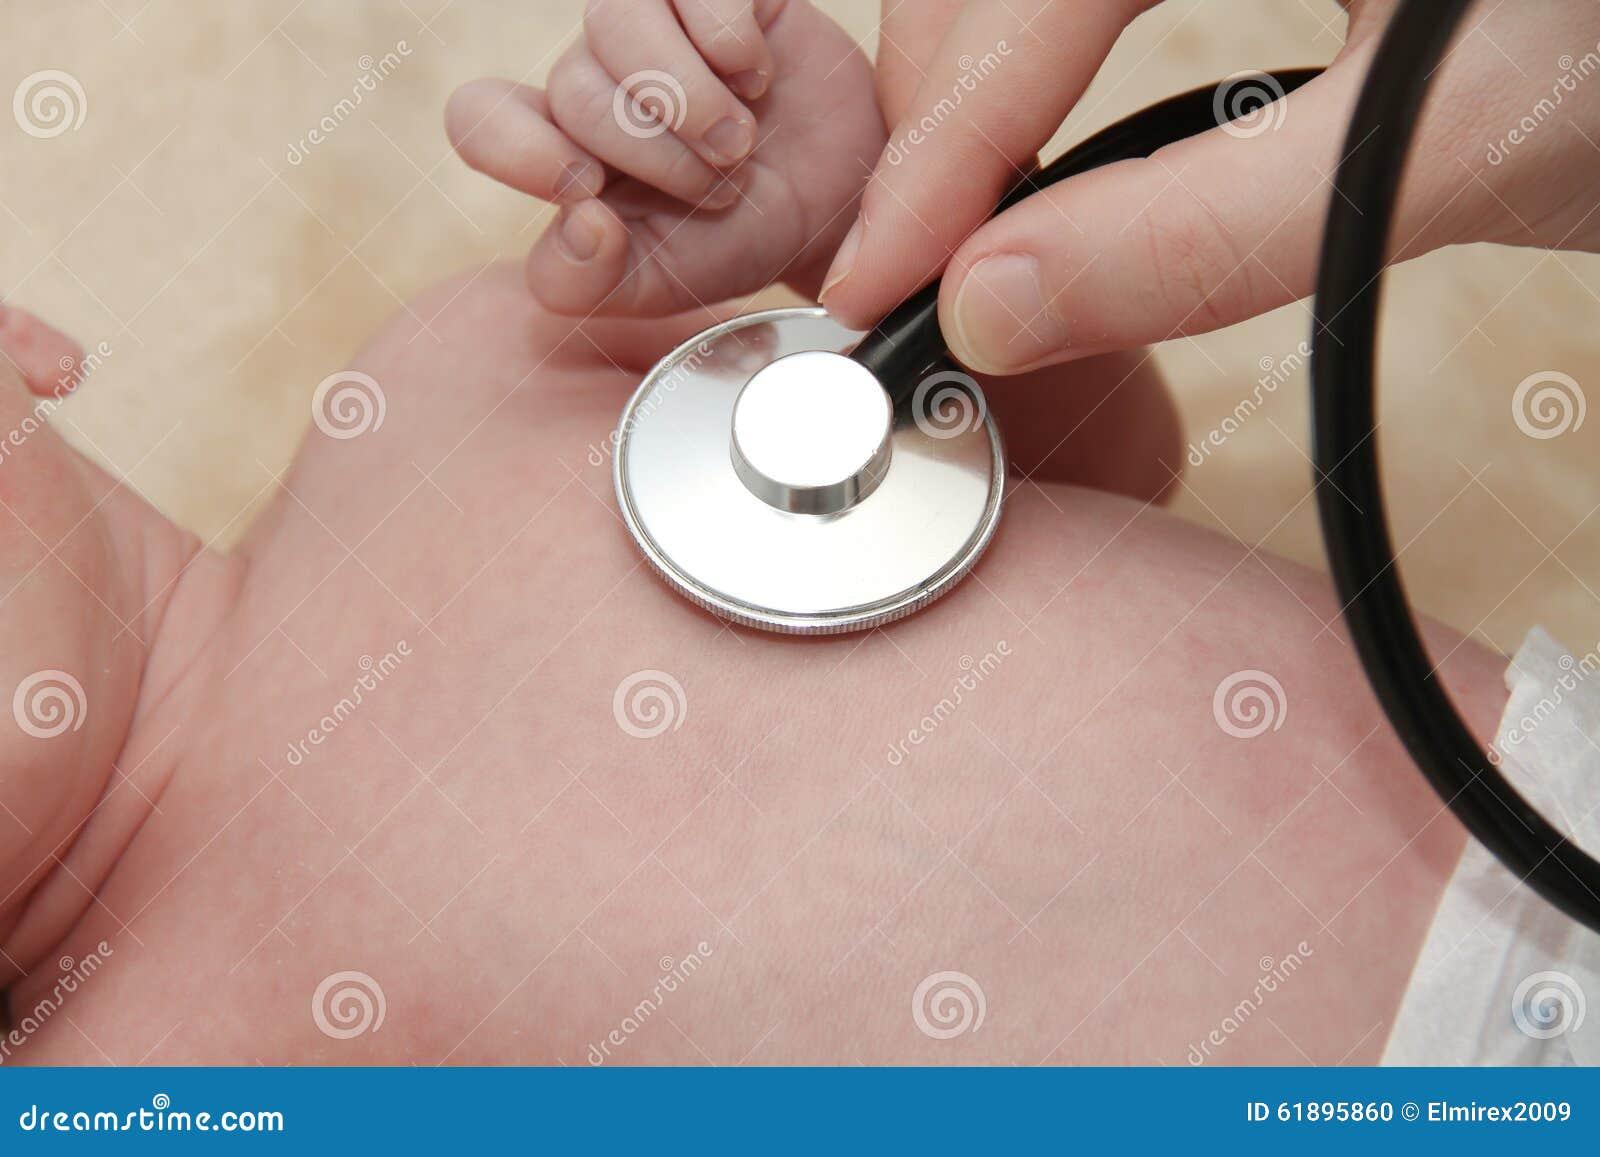 El bebé masculino consigue un examen del pulmón de una enfermera con el estetoscopio